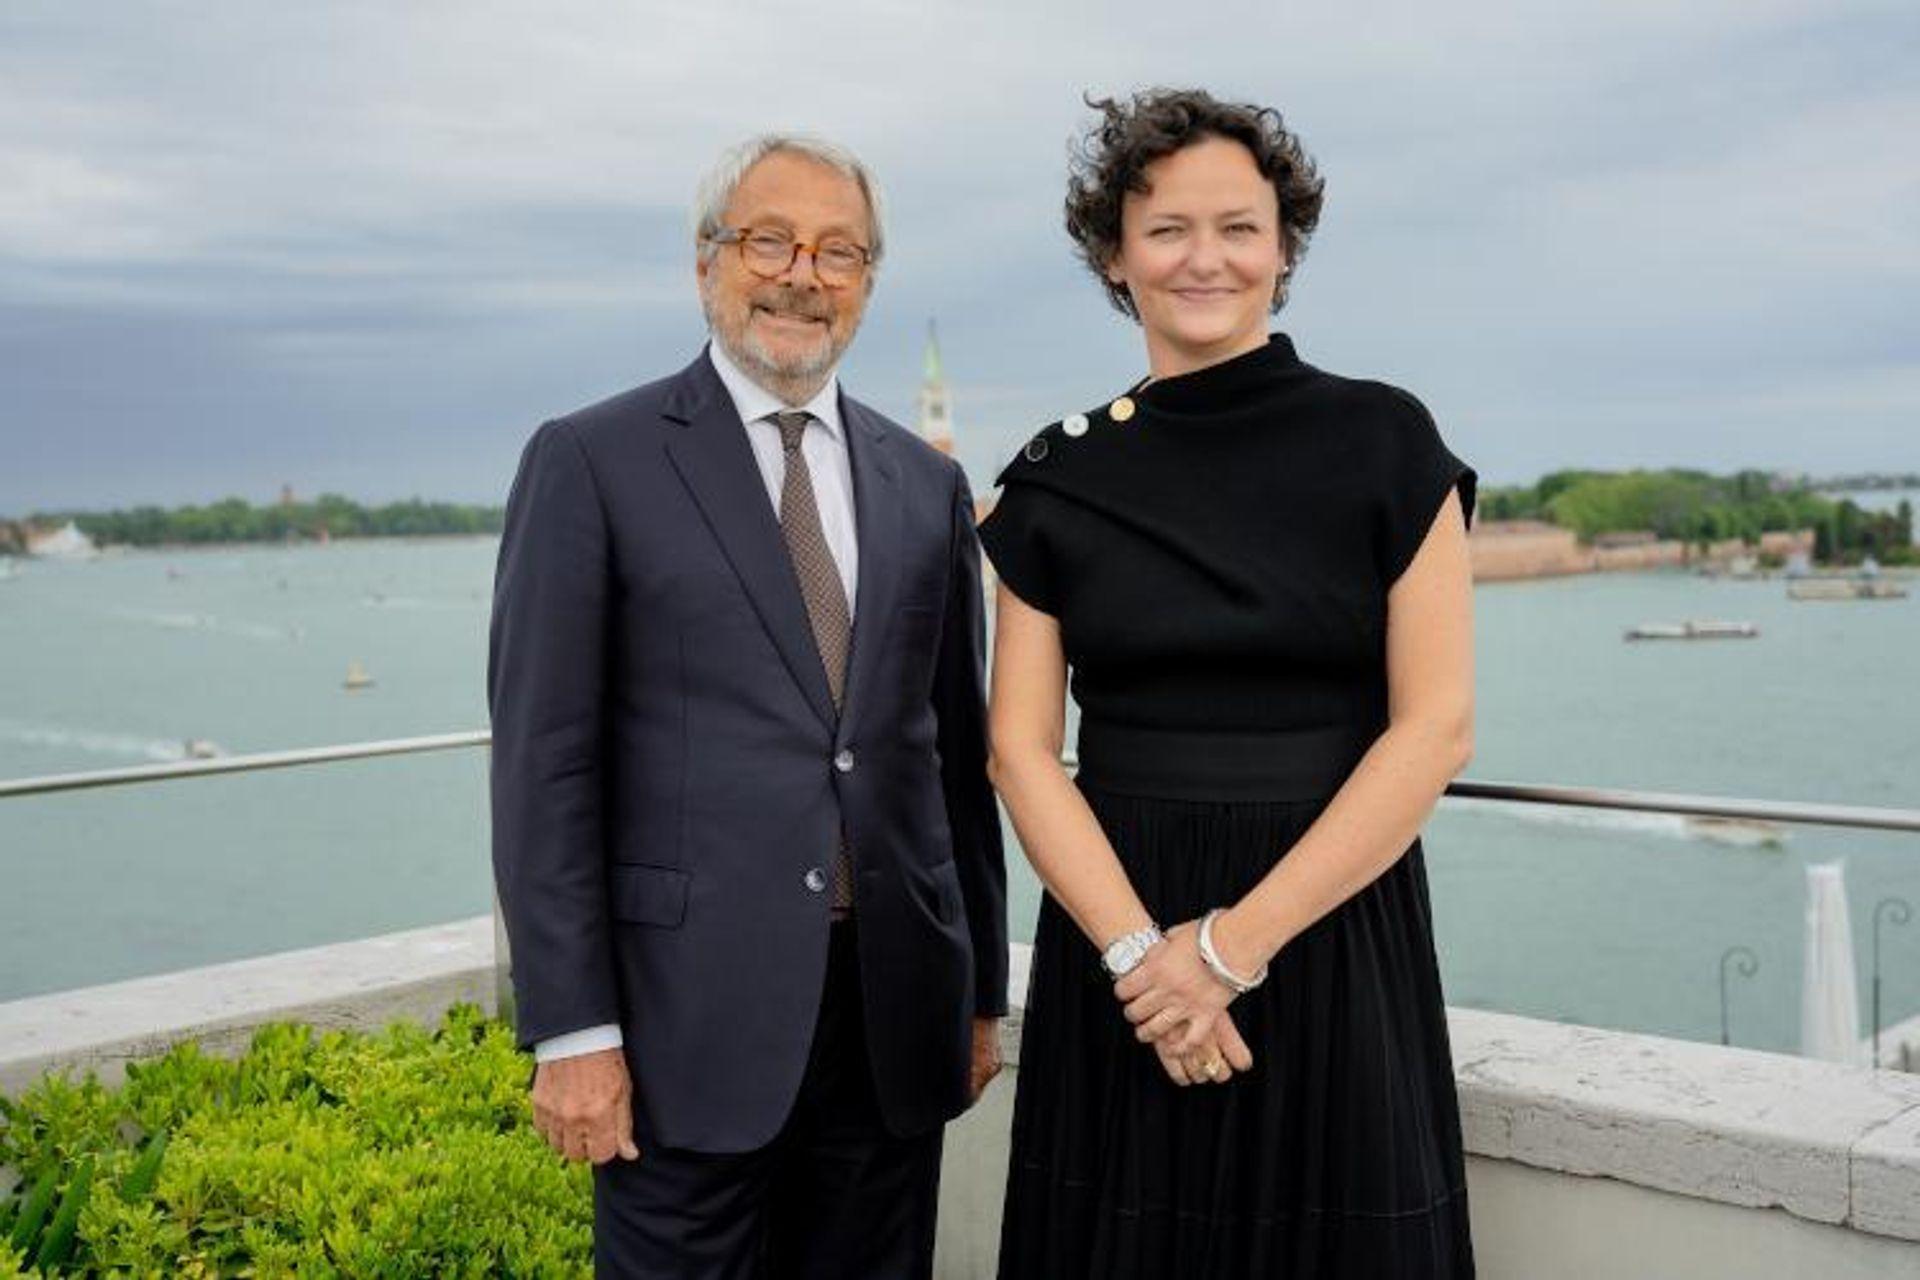 President of La Biennale di Venezia, Roberto Cicutto, and the curator of the 59th International Art Exhibition, Cecilia Alemani Courtesy of La Biennale di Venezia